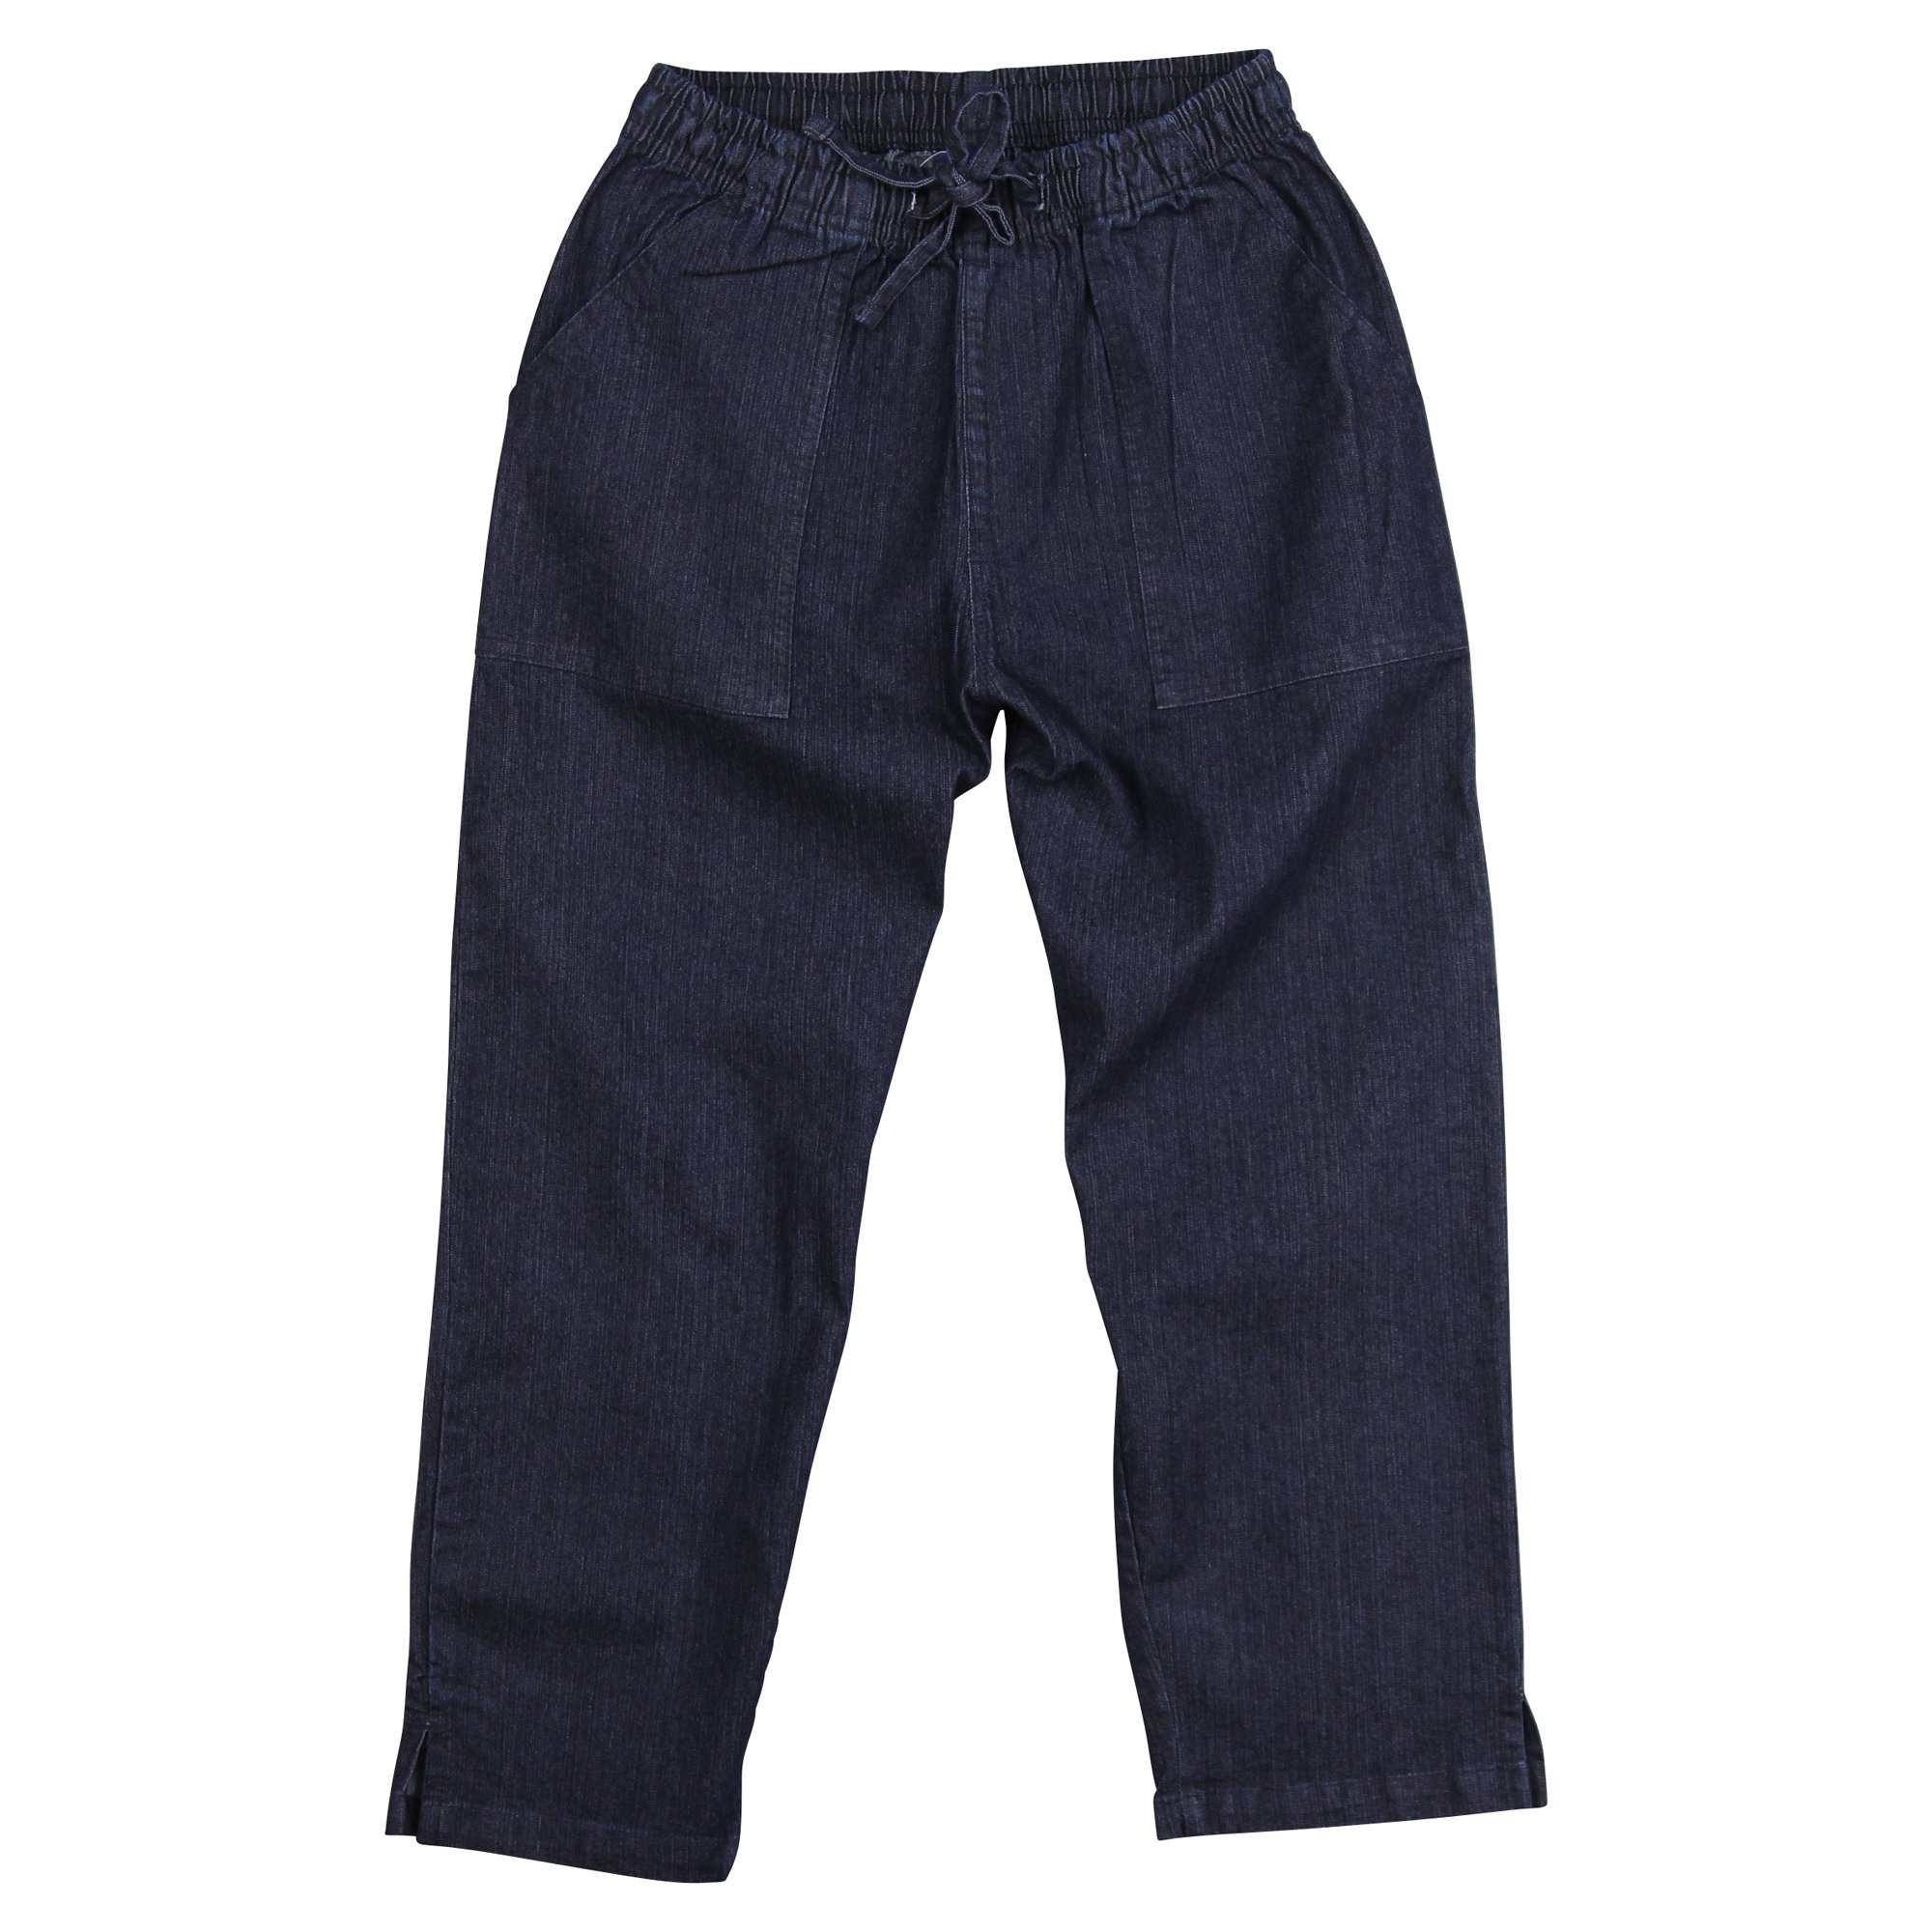 Urban Boundaries Women's Cotton Elastic Waist Capri Pants (Denim, Size 4-6)